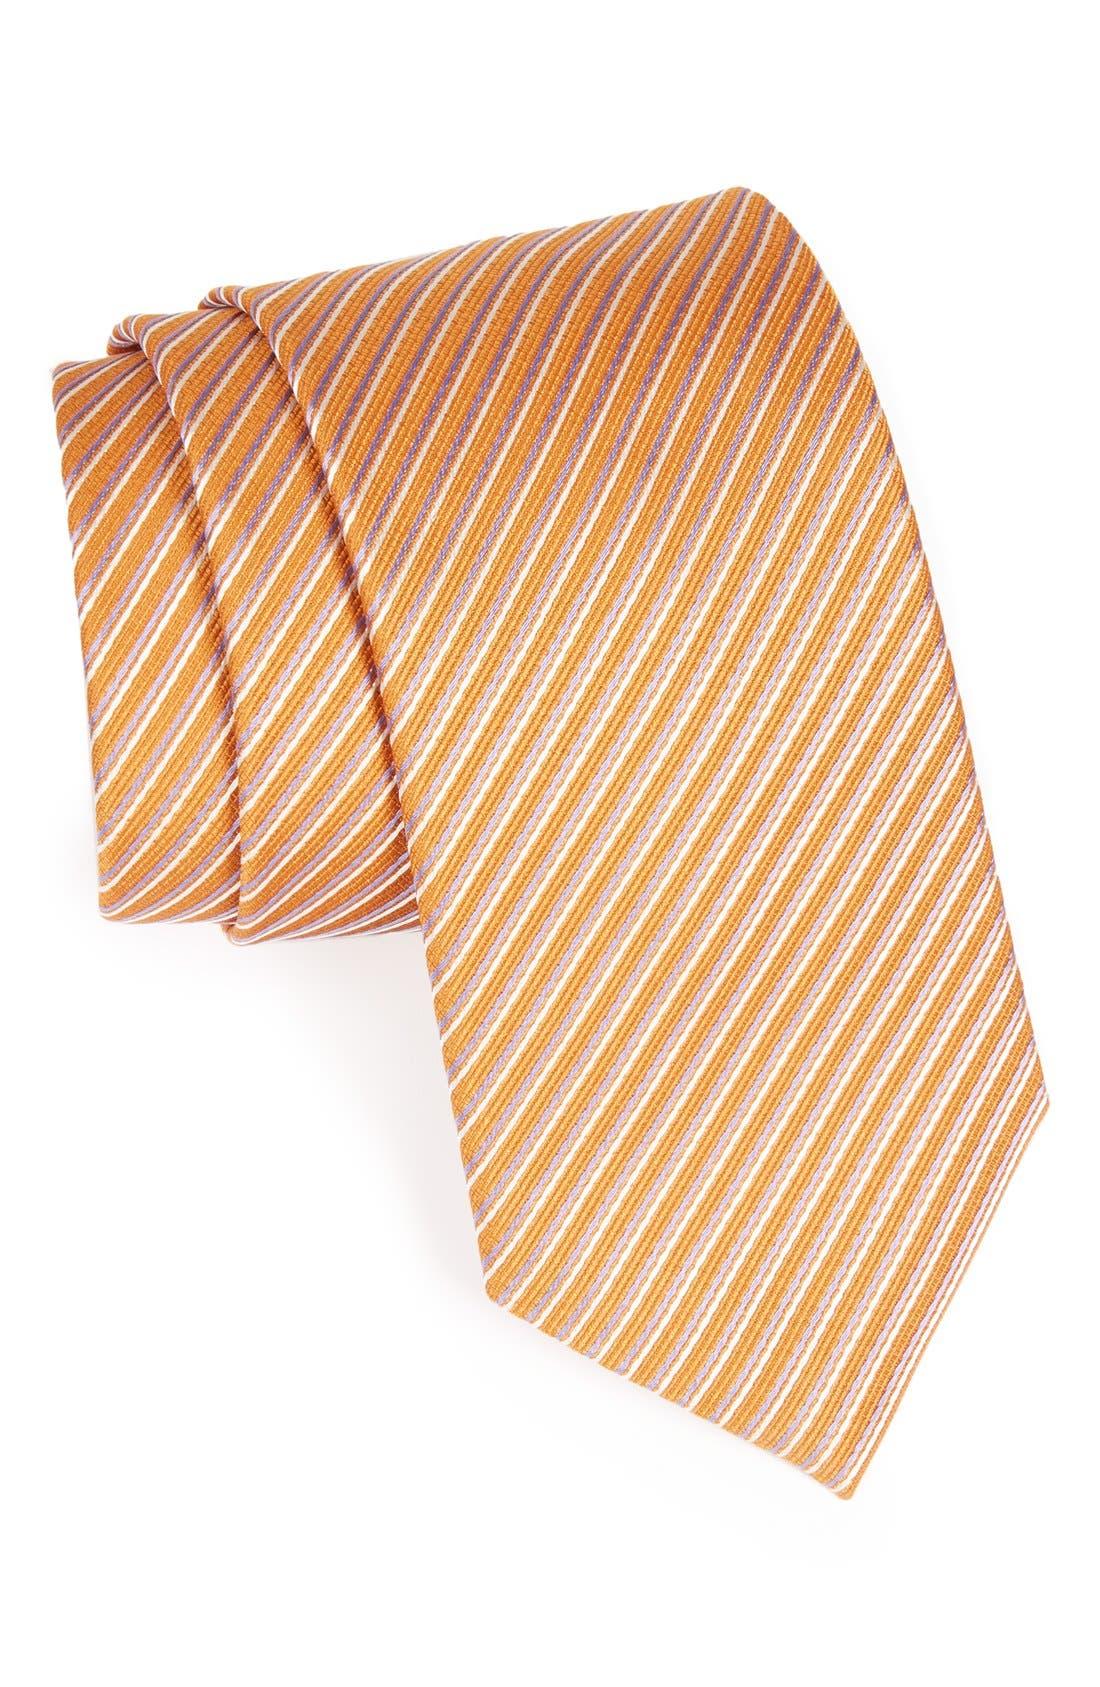 Alternate Image 1 Selected - BOSS Hugo Boss Stripe Woven Silk Tie